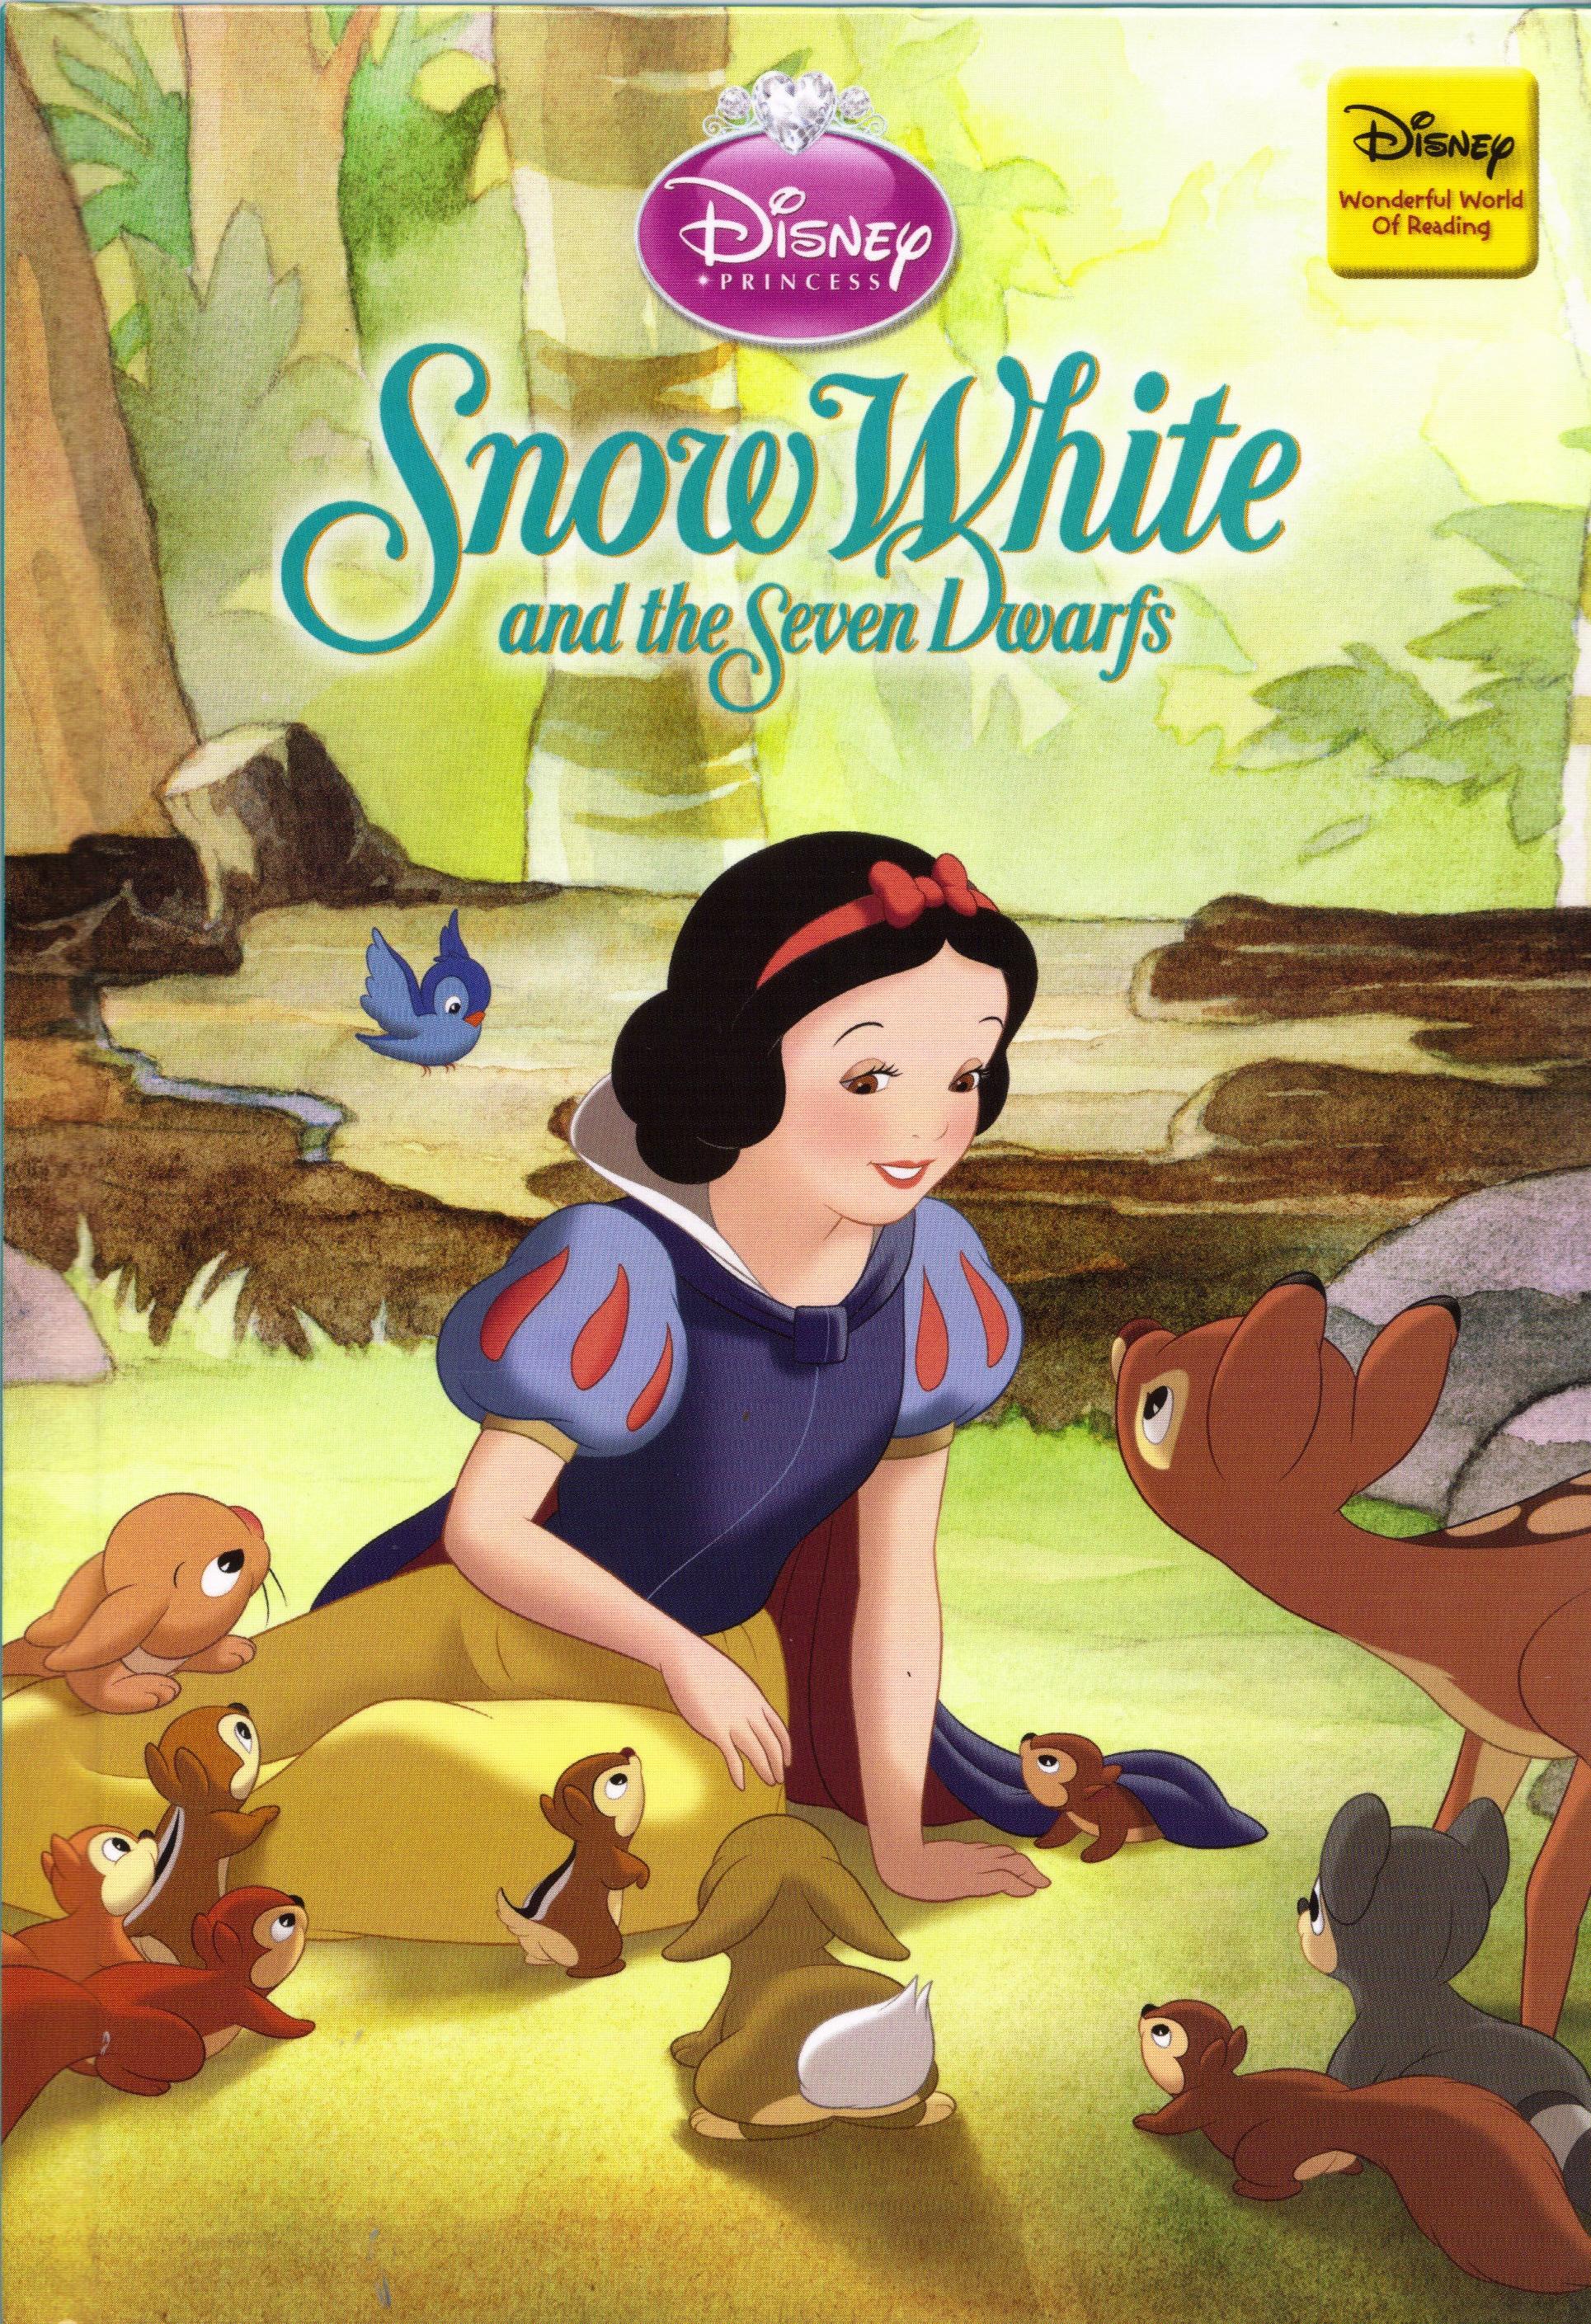 Snow white and the seven dwarfs disney s wonderful world of reading disney wiki fandom powered by wikia